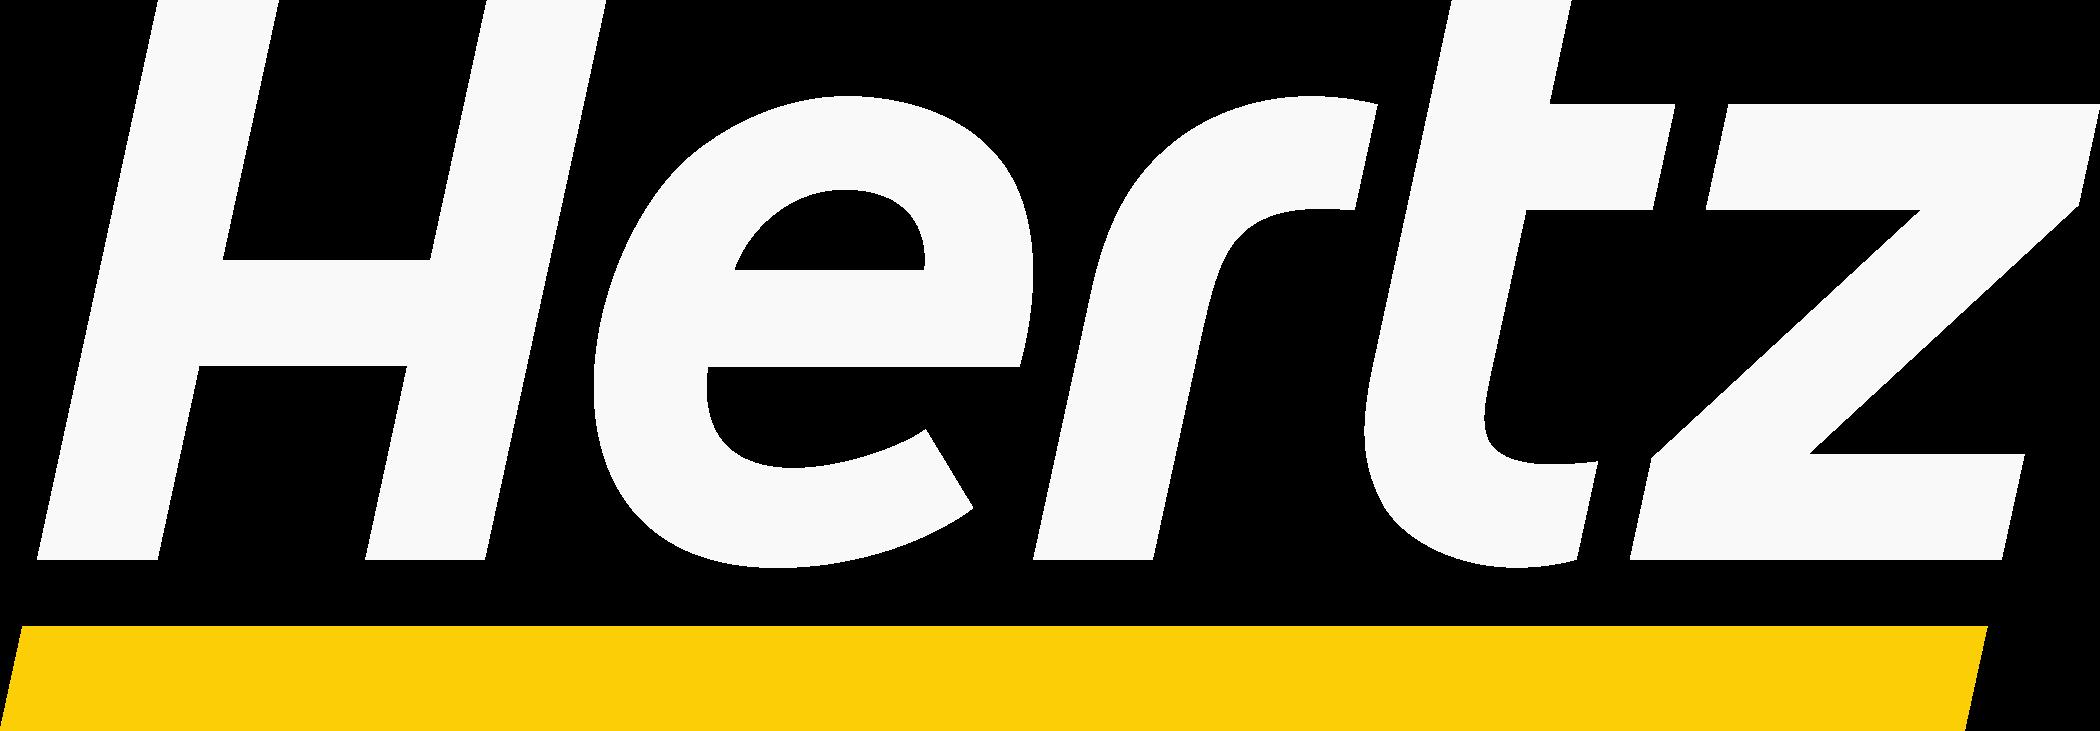 hertz logo 1 1 - Hertz Logo